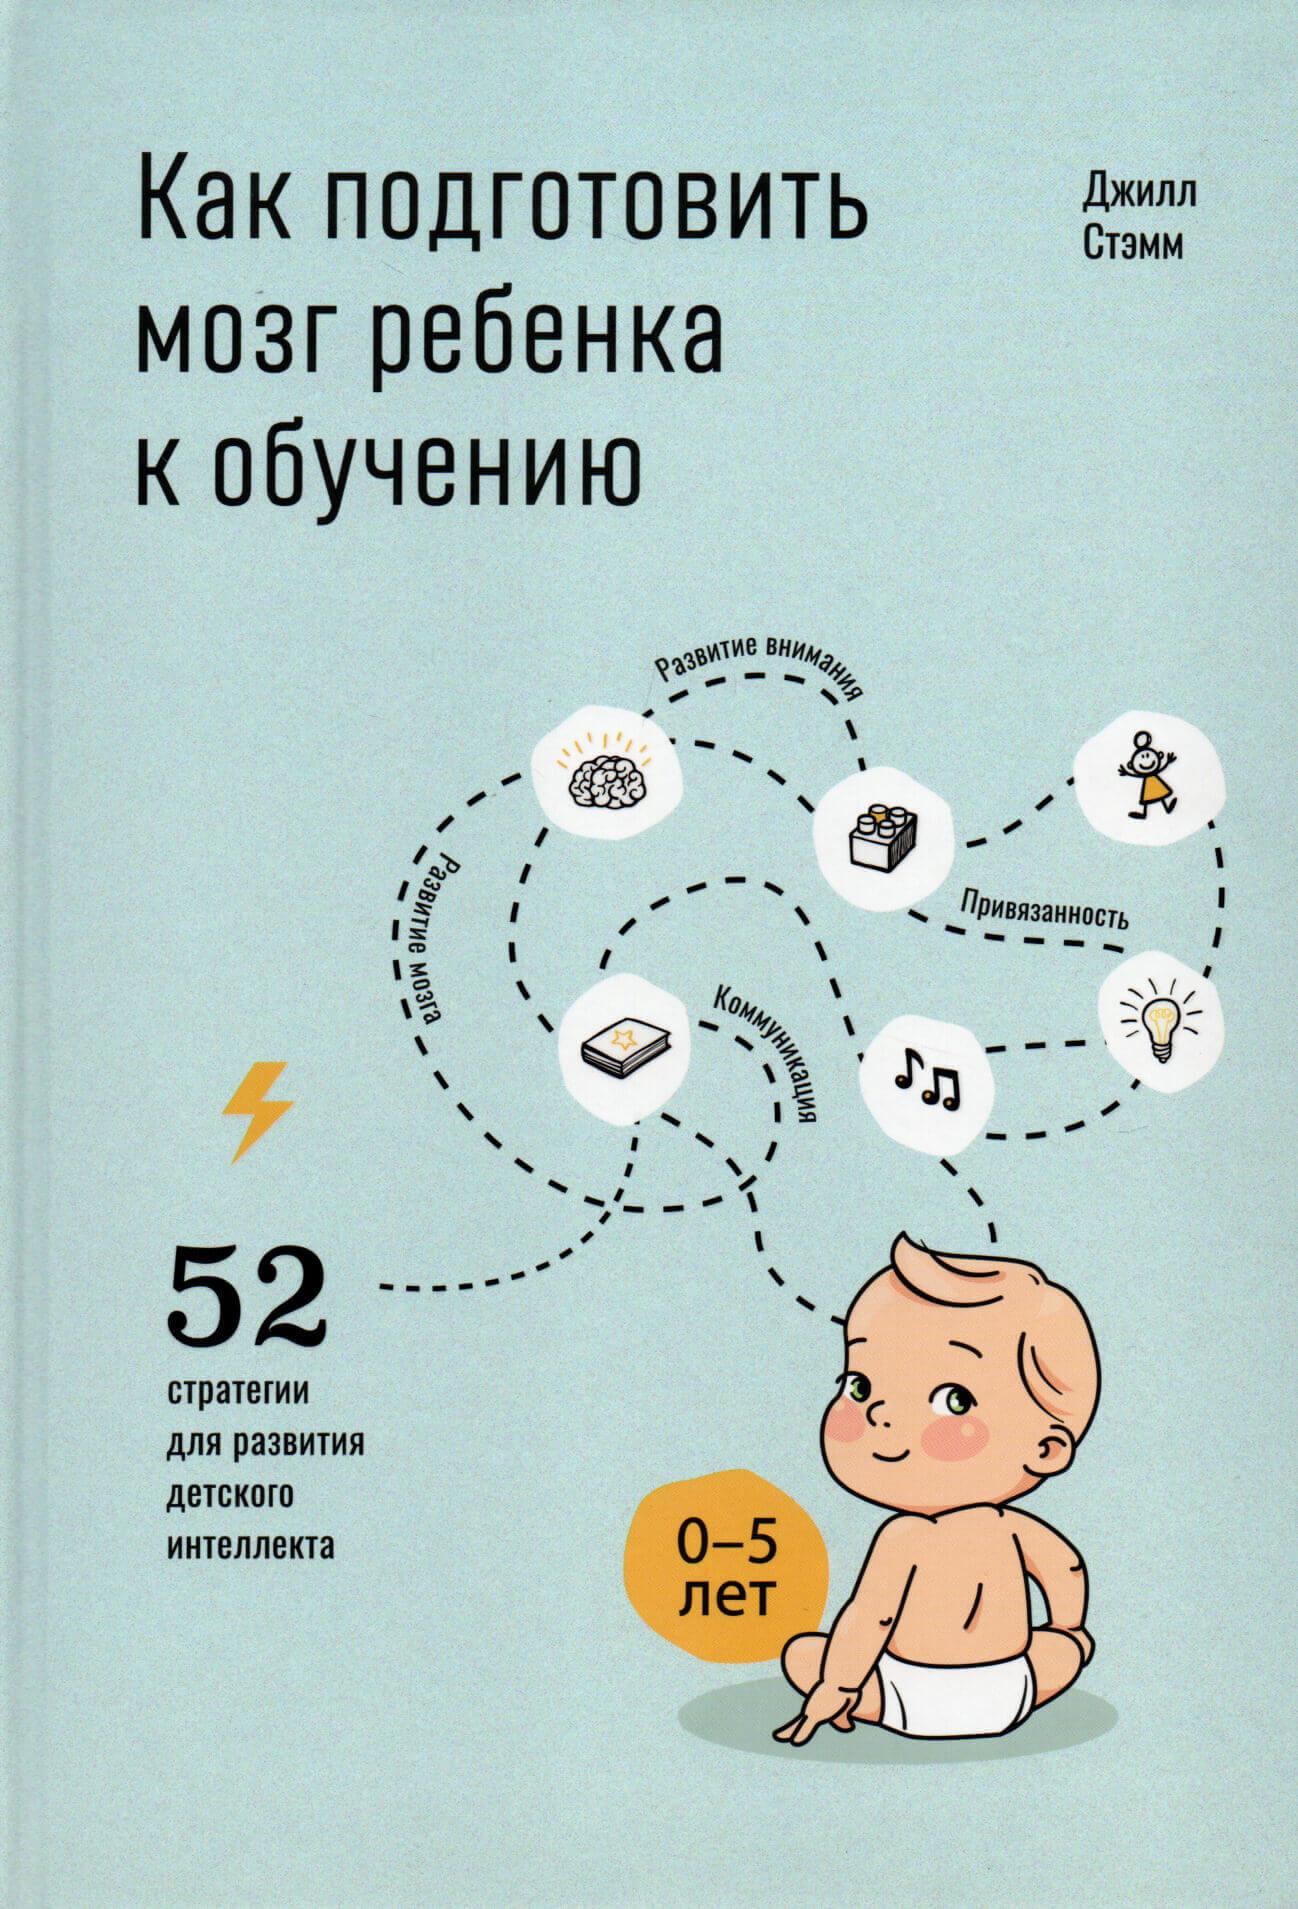 Как подготовить мозг ребенка к обучению : 52 стратегии для развития детского интеллекта